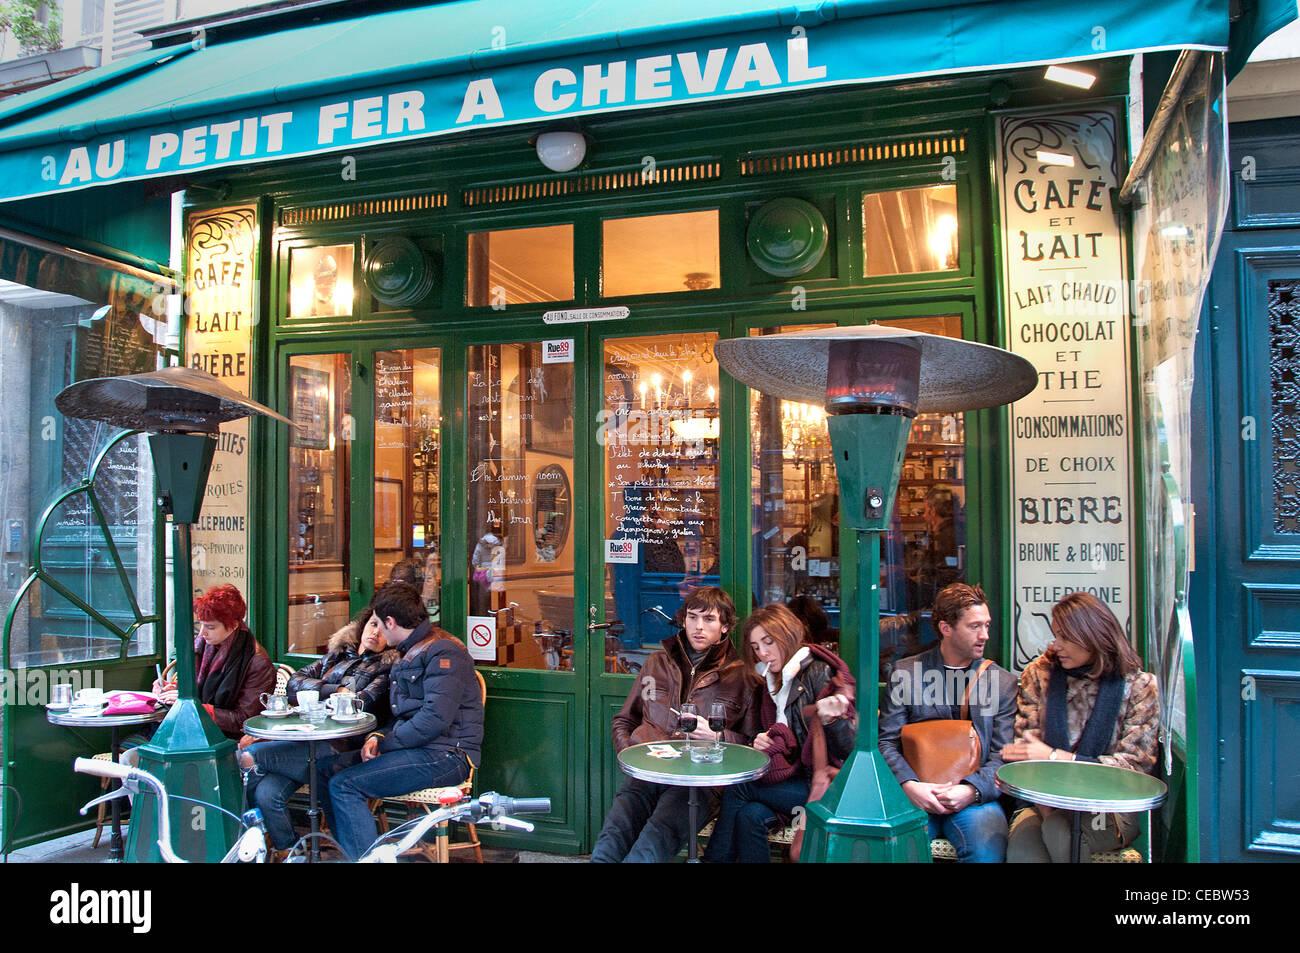 Bar Cafe Pub Au Petit Fer Cheval Shop Marais Paris France - Stock Image